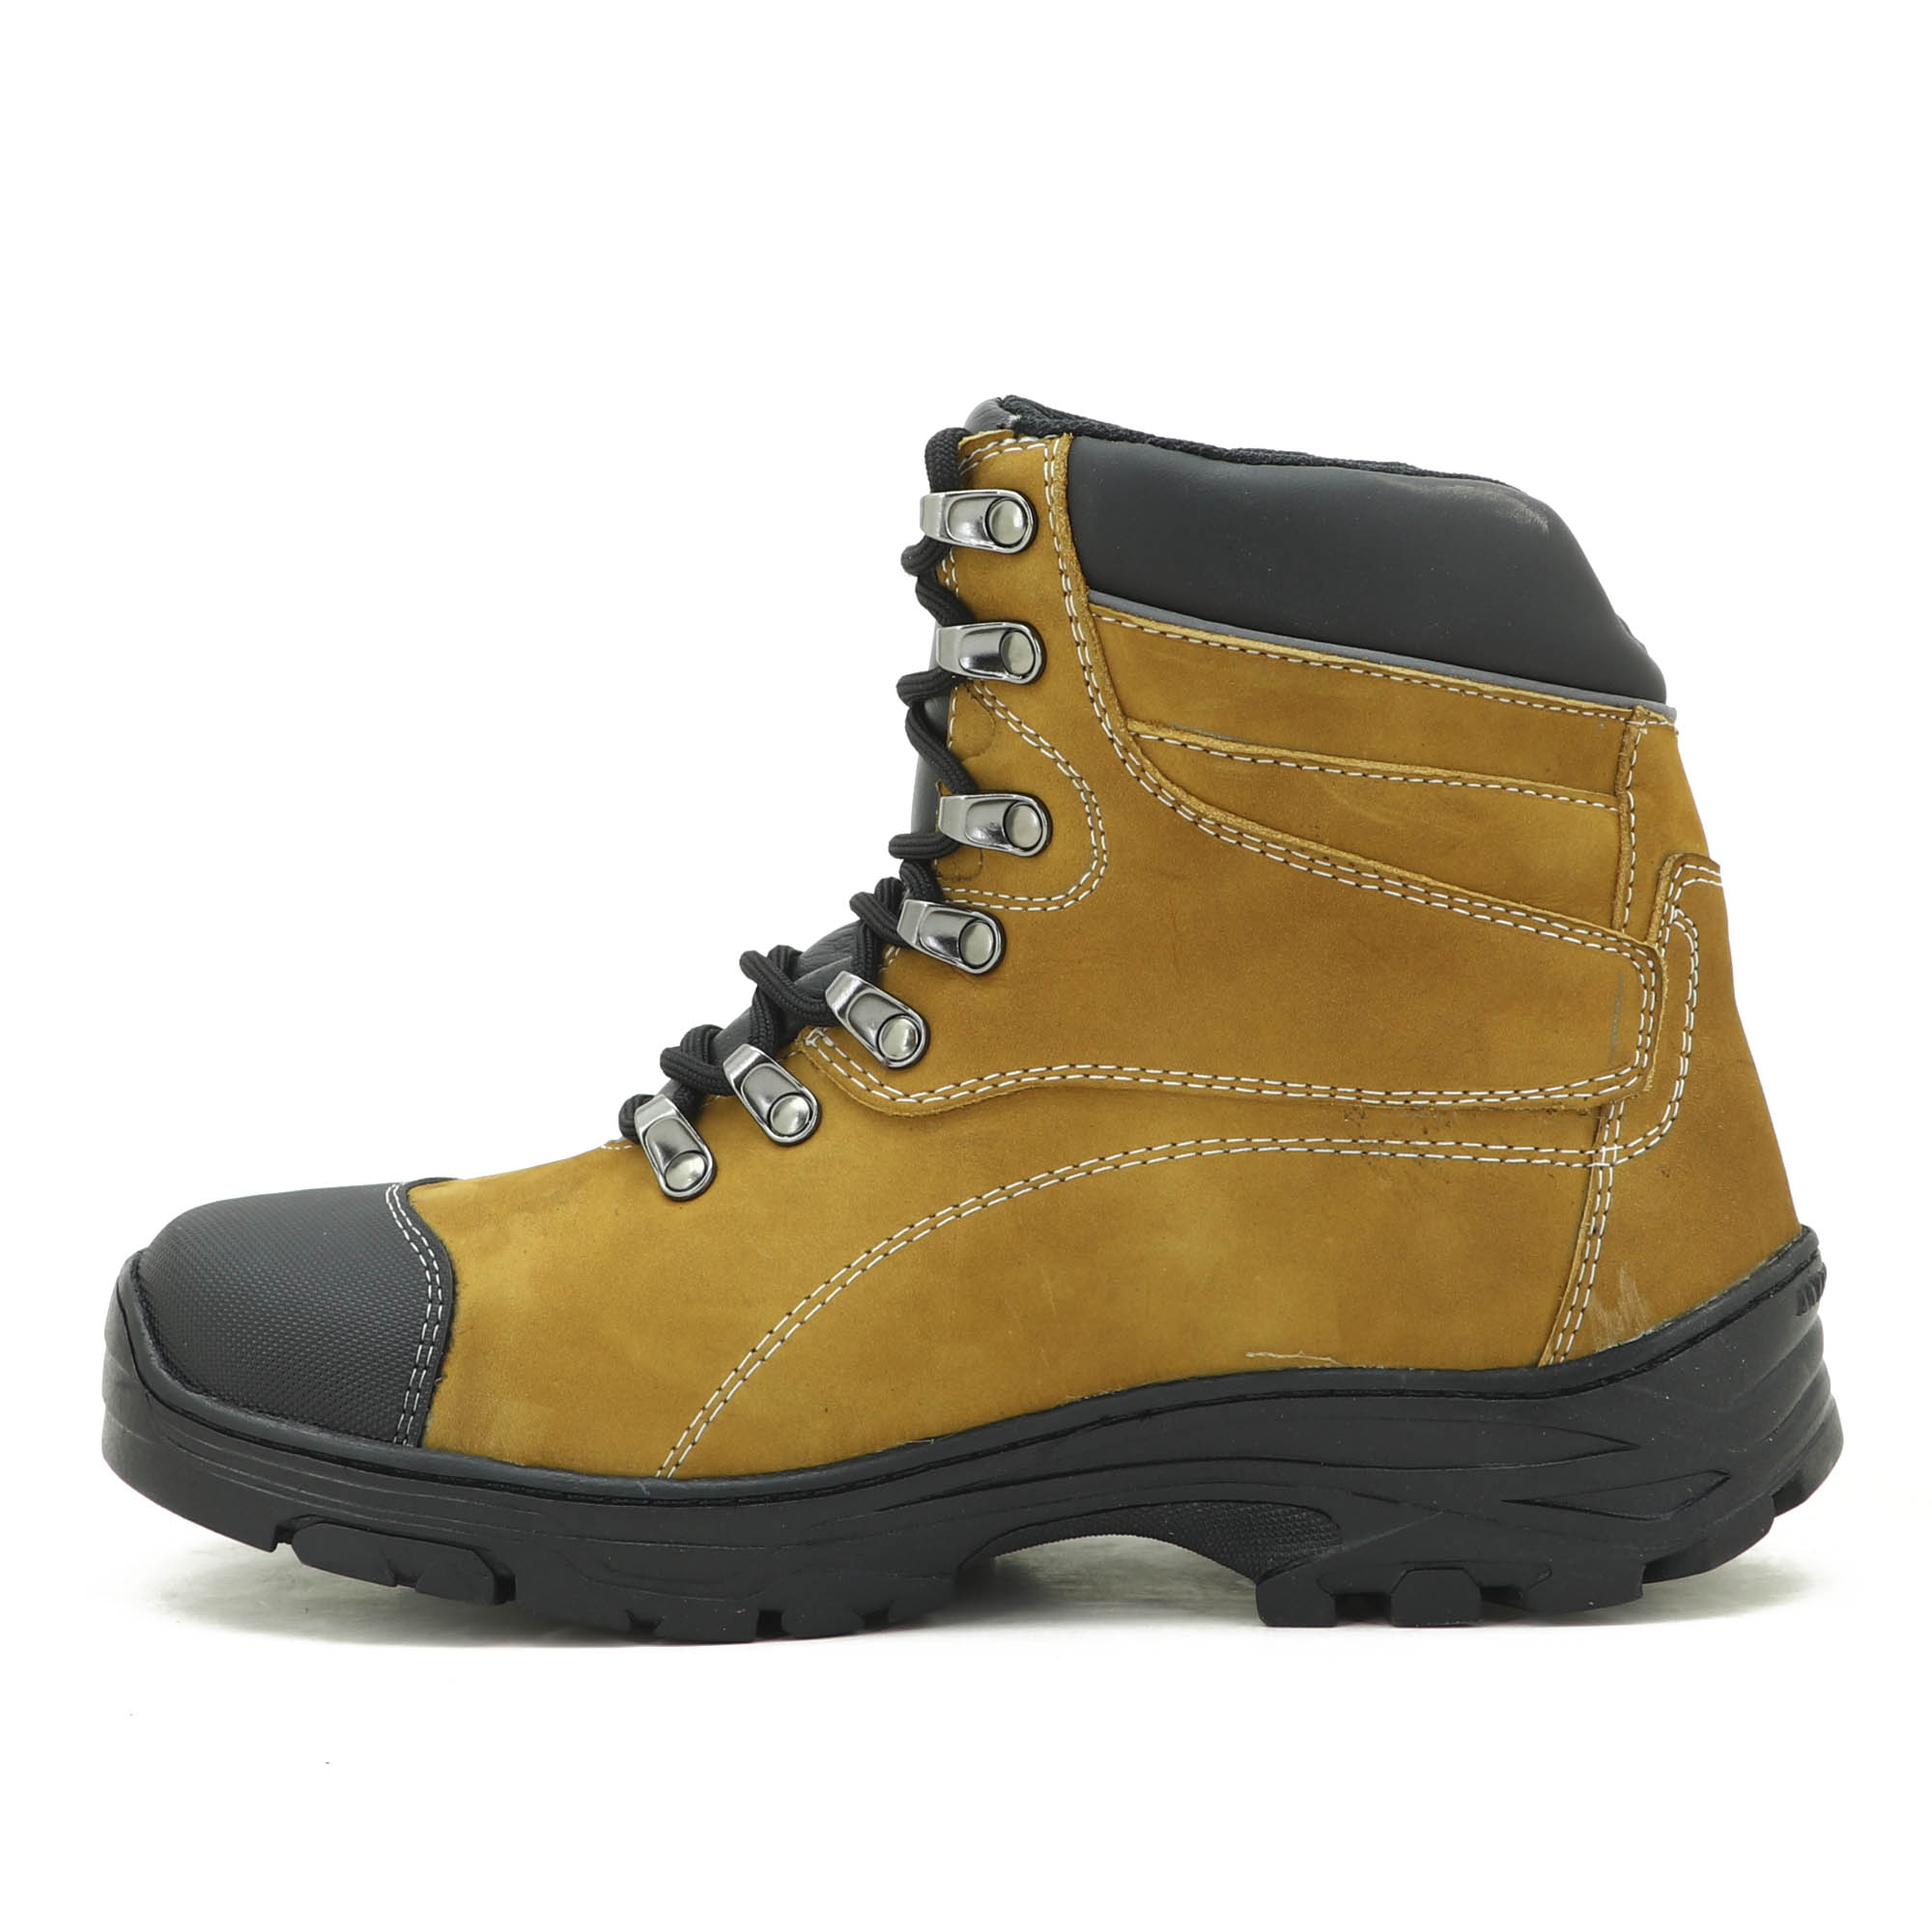 Coturno Adventure Atron Shoes em couro legítimo na cor castor 244 VALLENCE